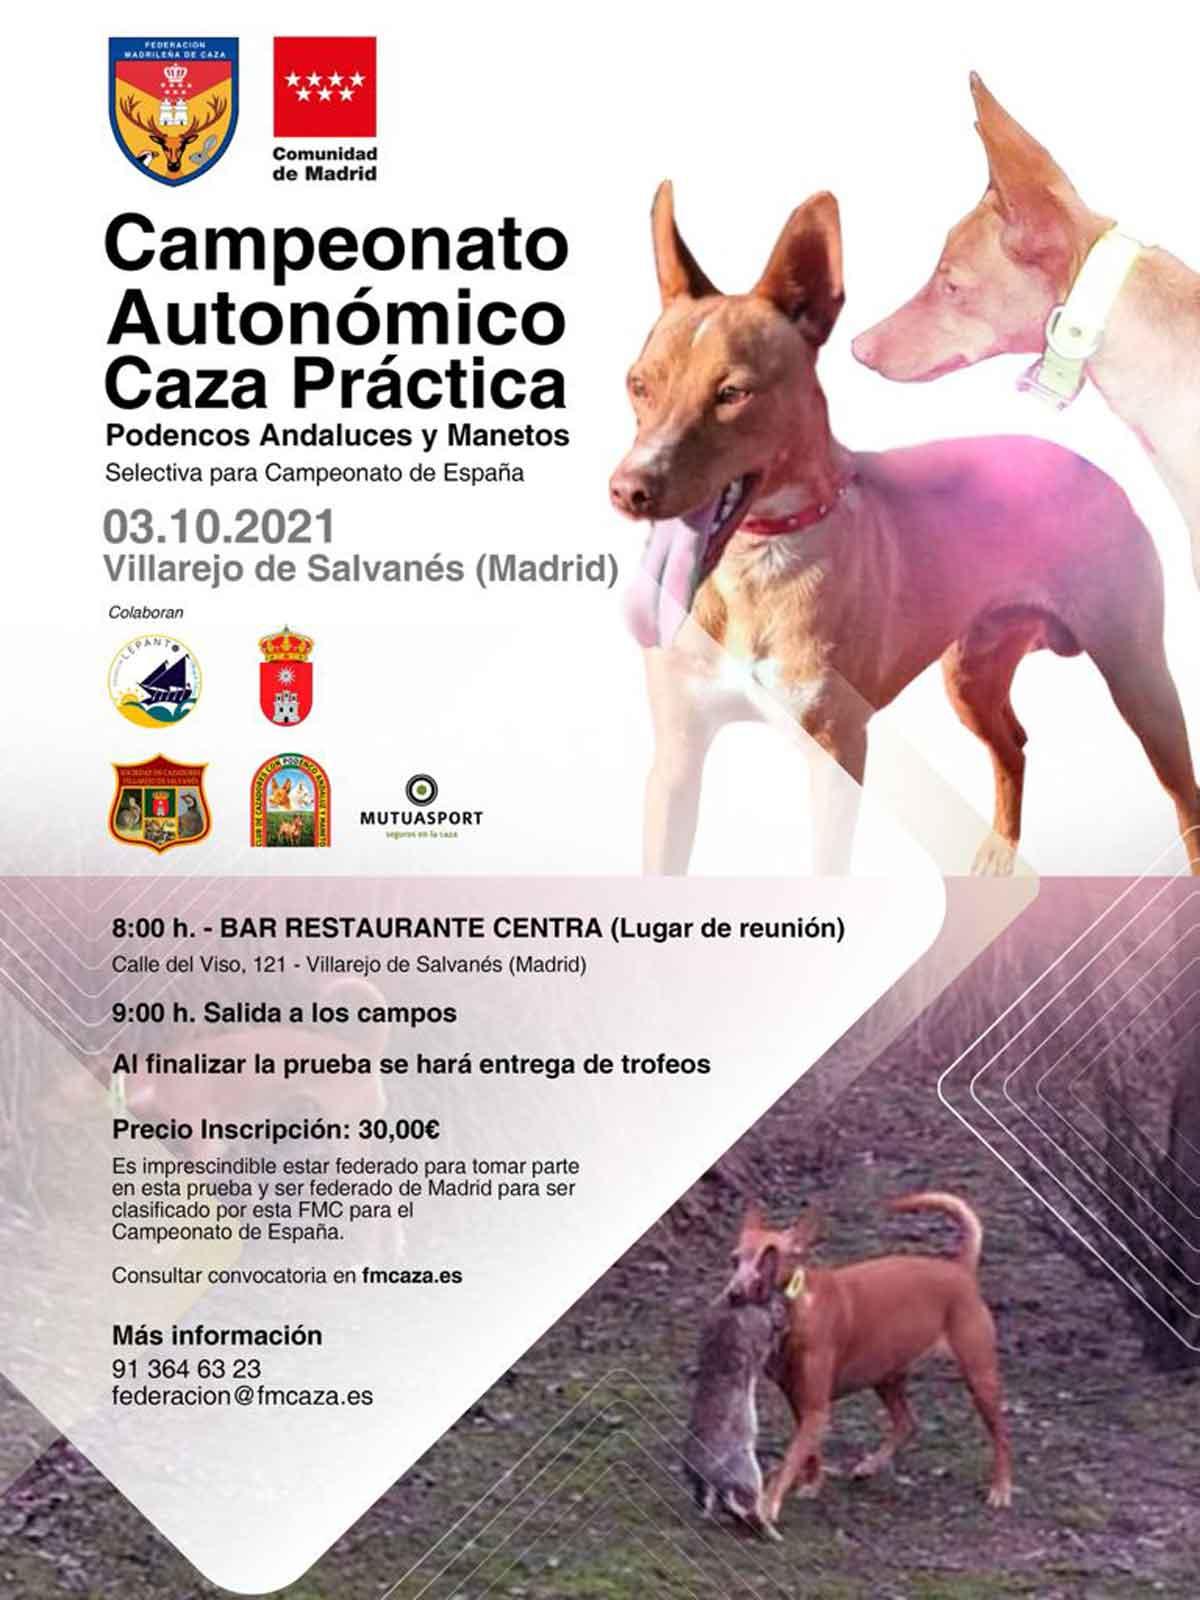 Campeonato autonómico de podenco andaluz y maneto